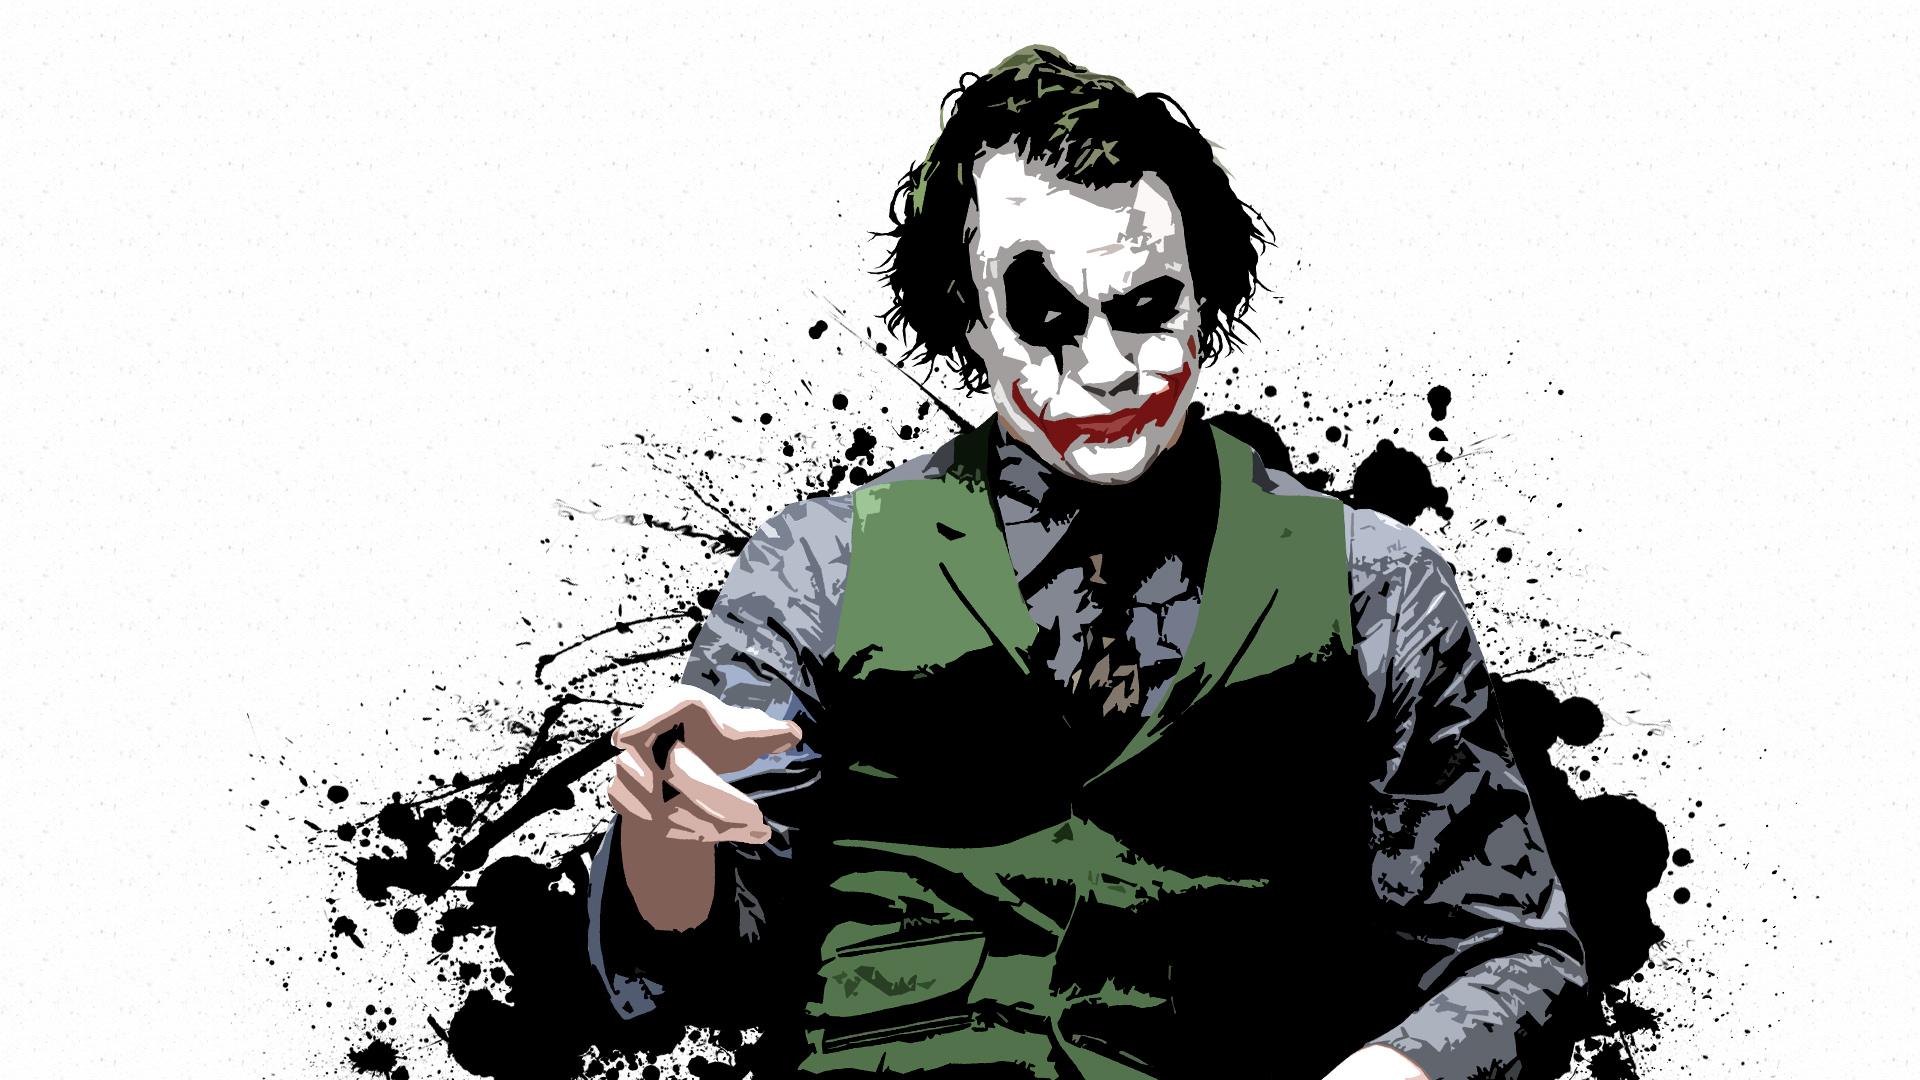 Joker PNG Batman-PlusPNG.com-1920 - Joker PNG Batman